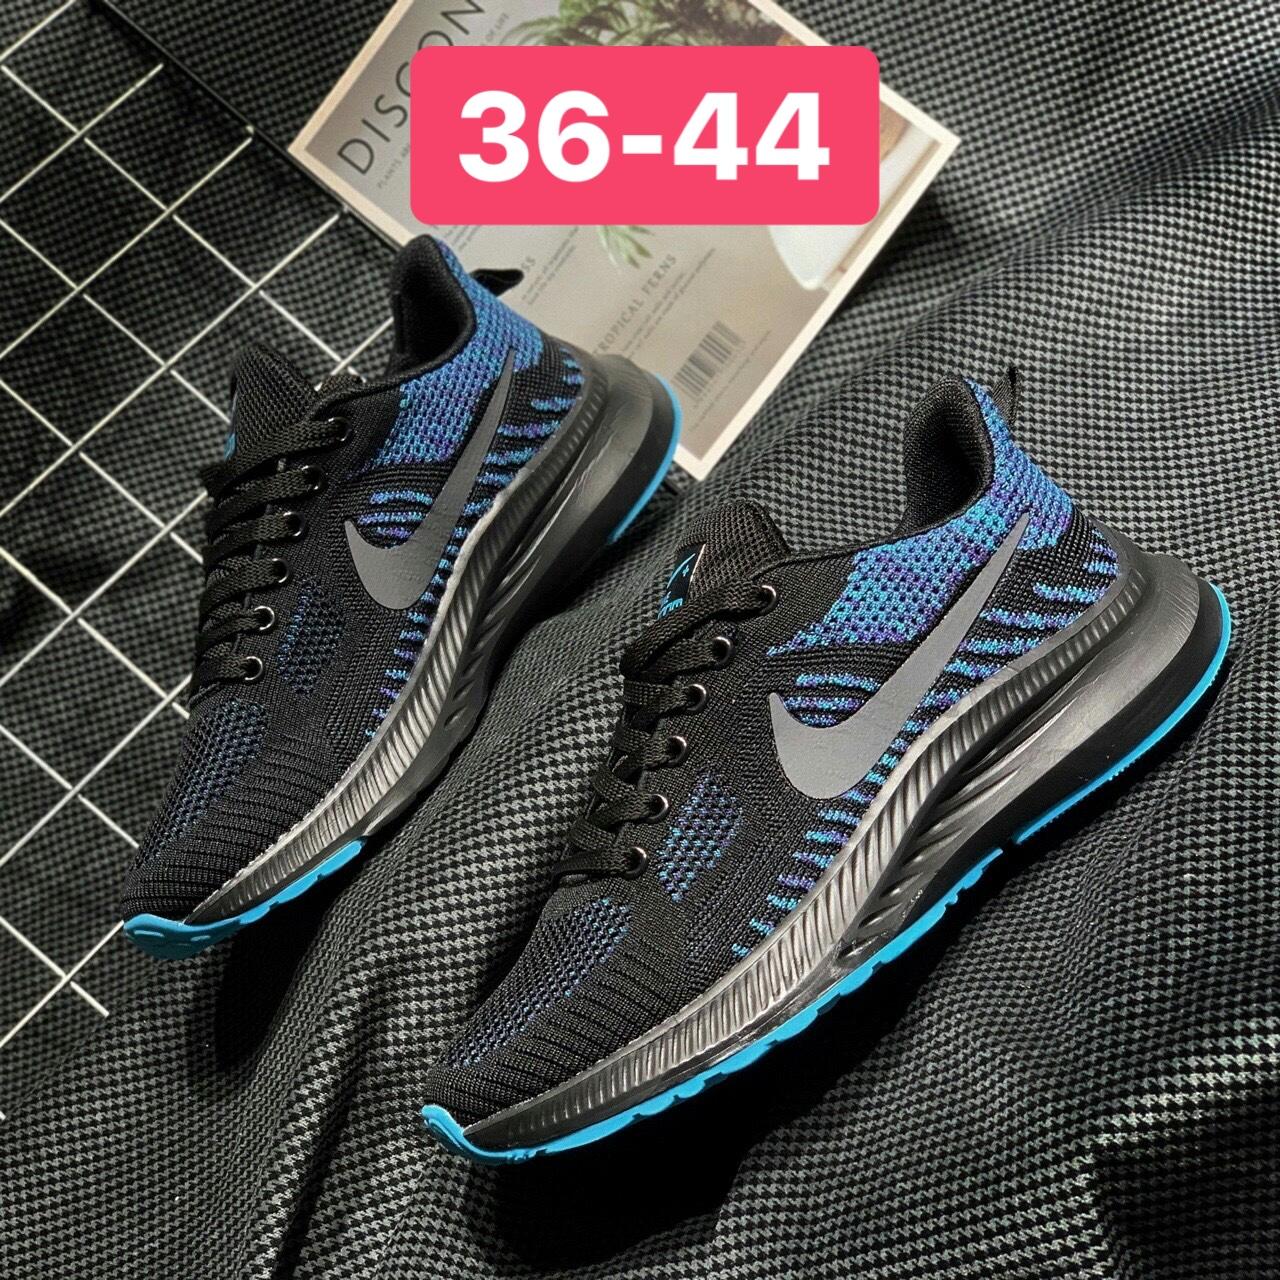 Giày Nike Zoom F17 xanh navy